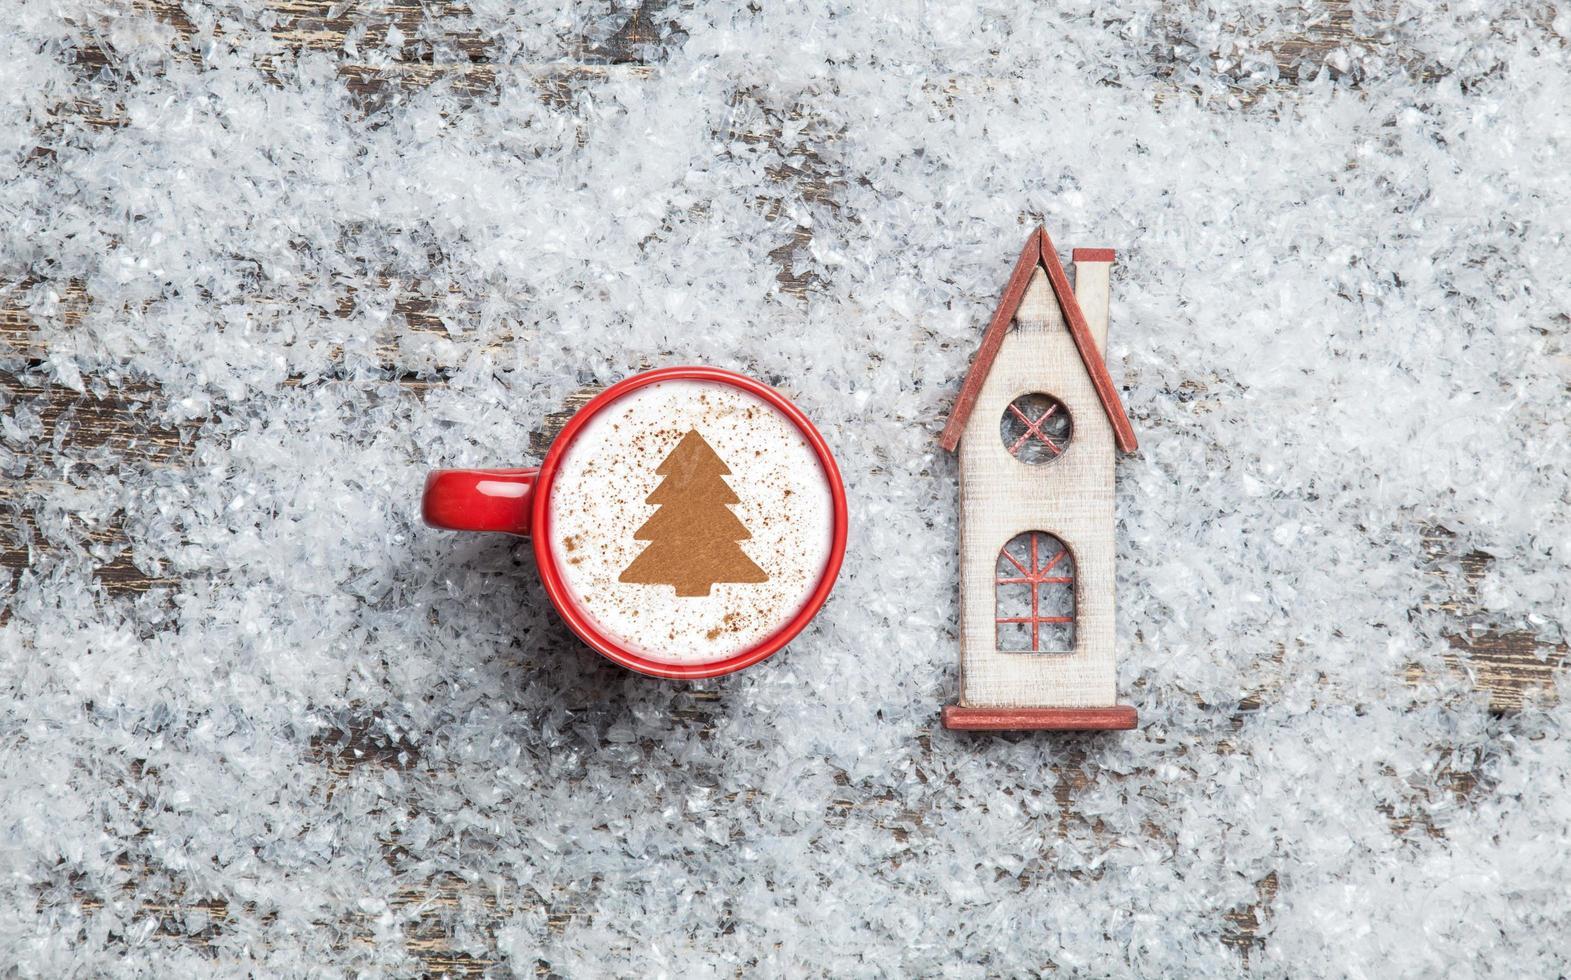 cappuccino met kerstboom vorm en speelgoed huis op kunstmatige foto